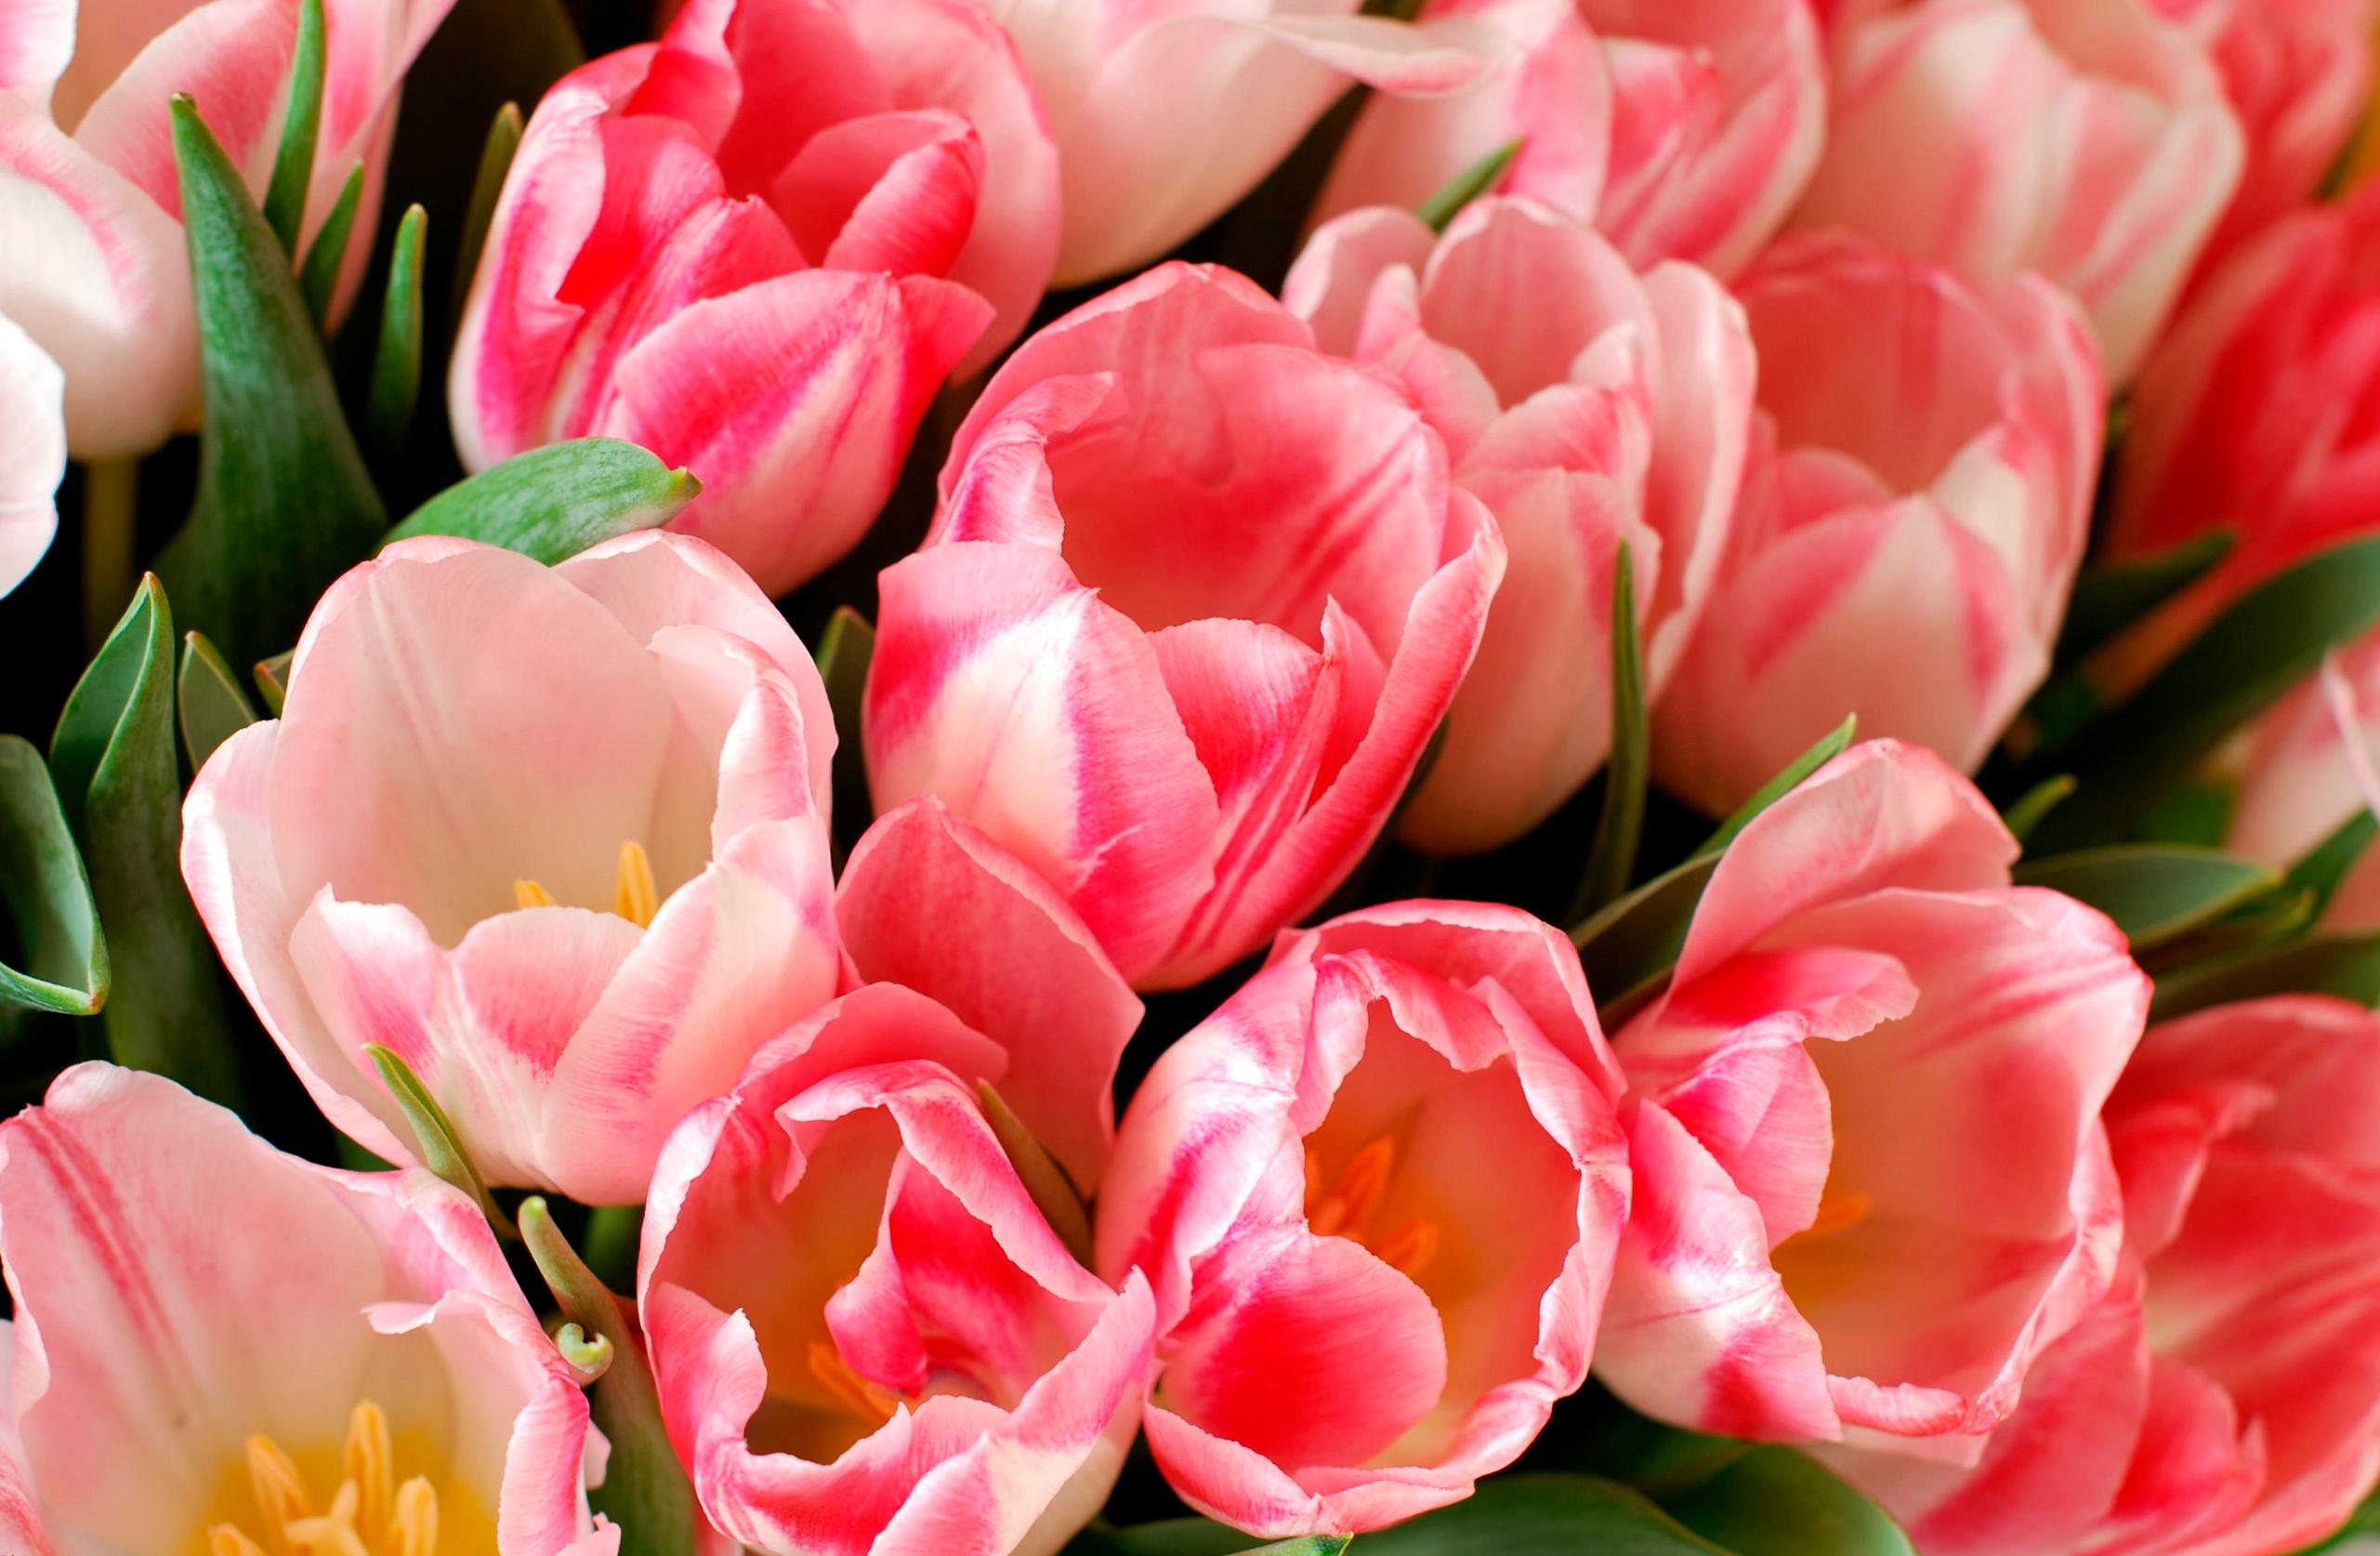 tulip-photo-104